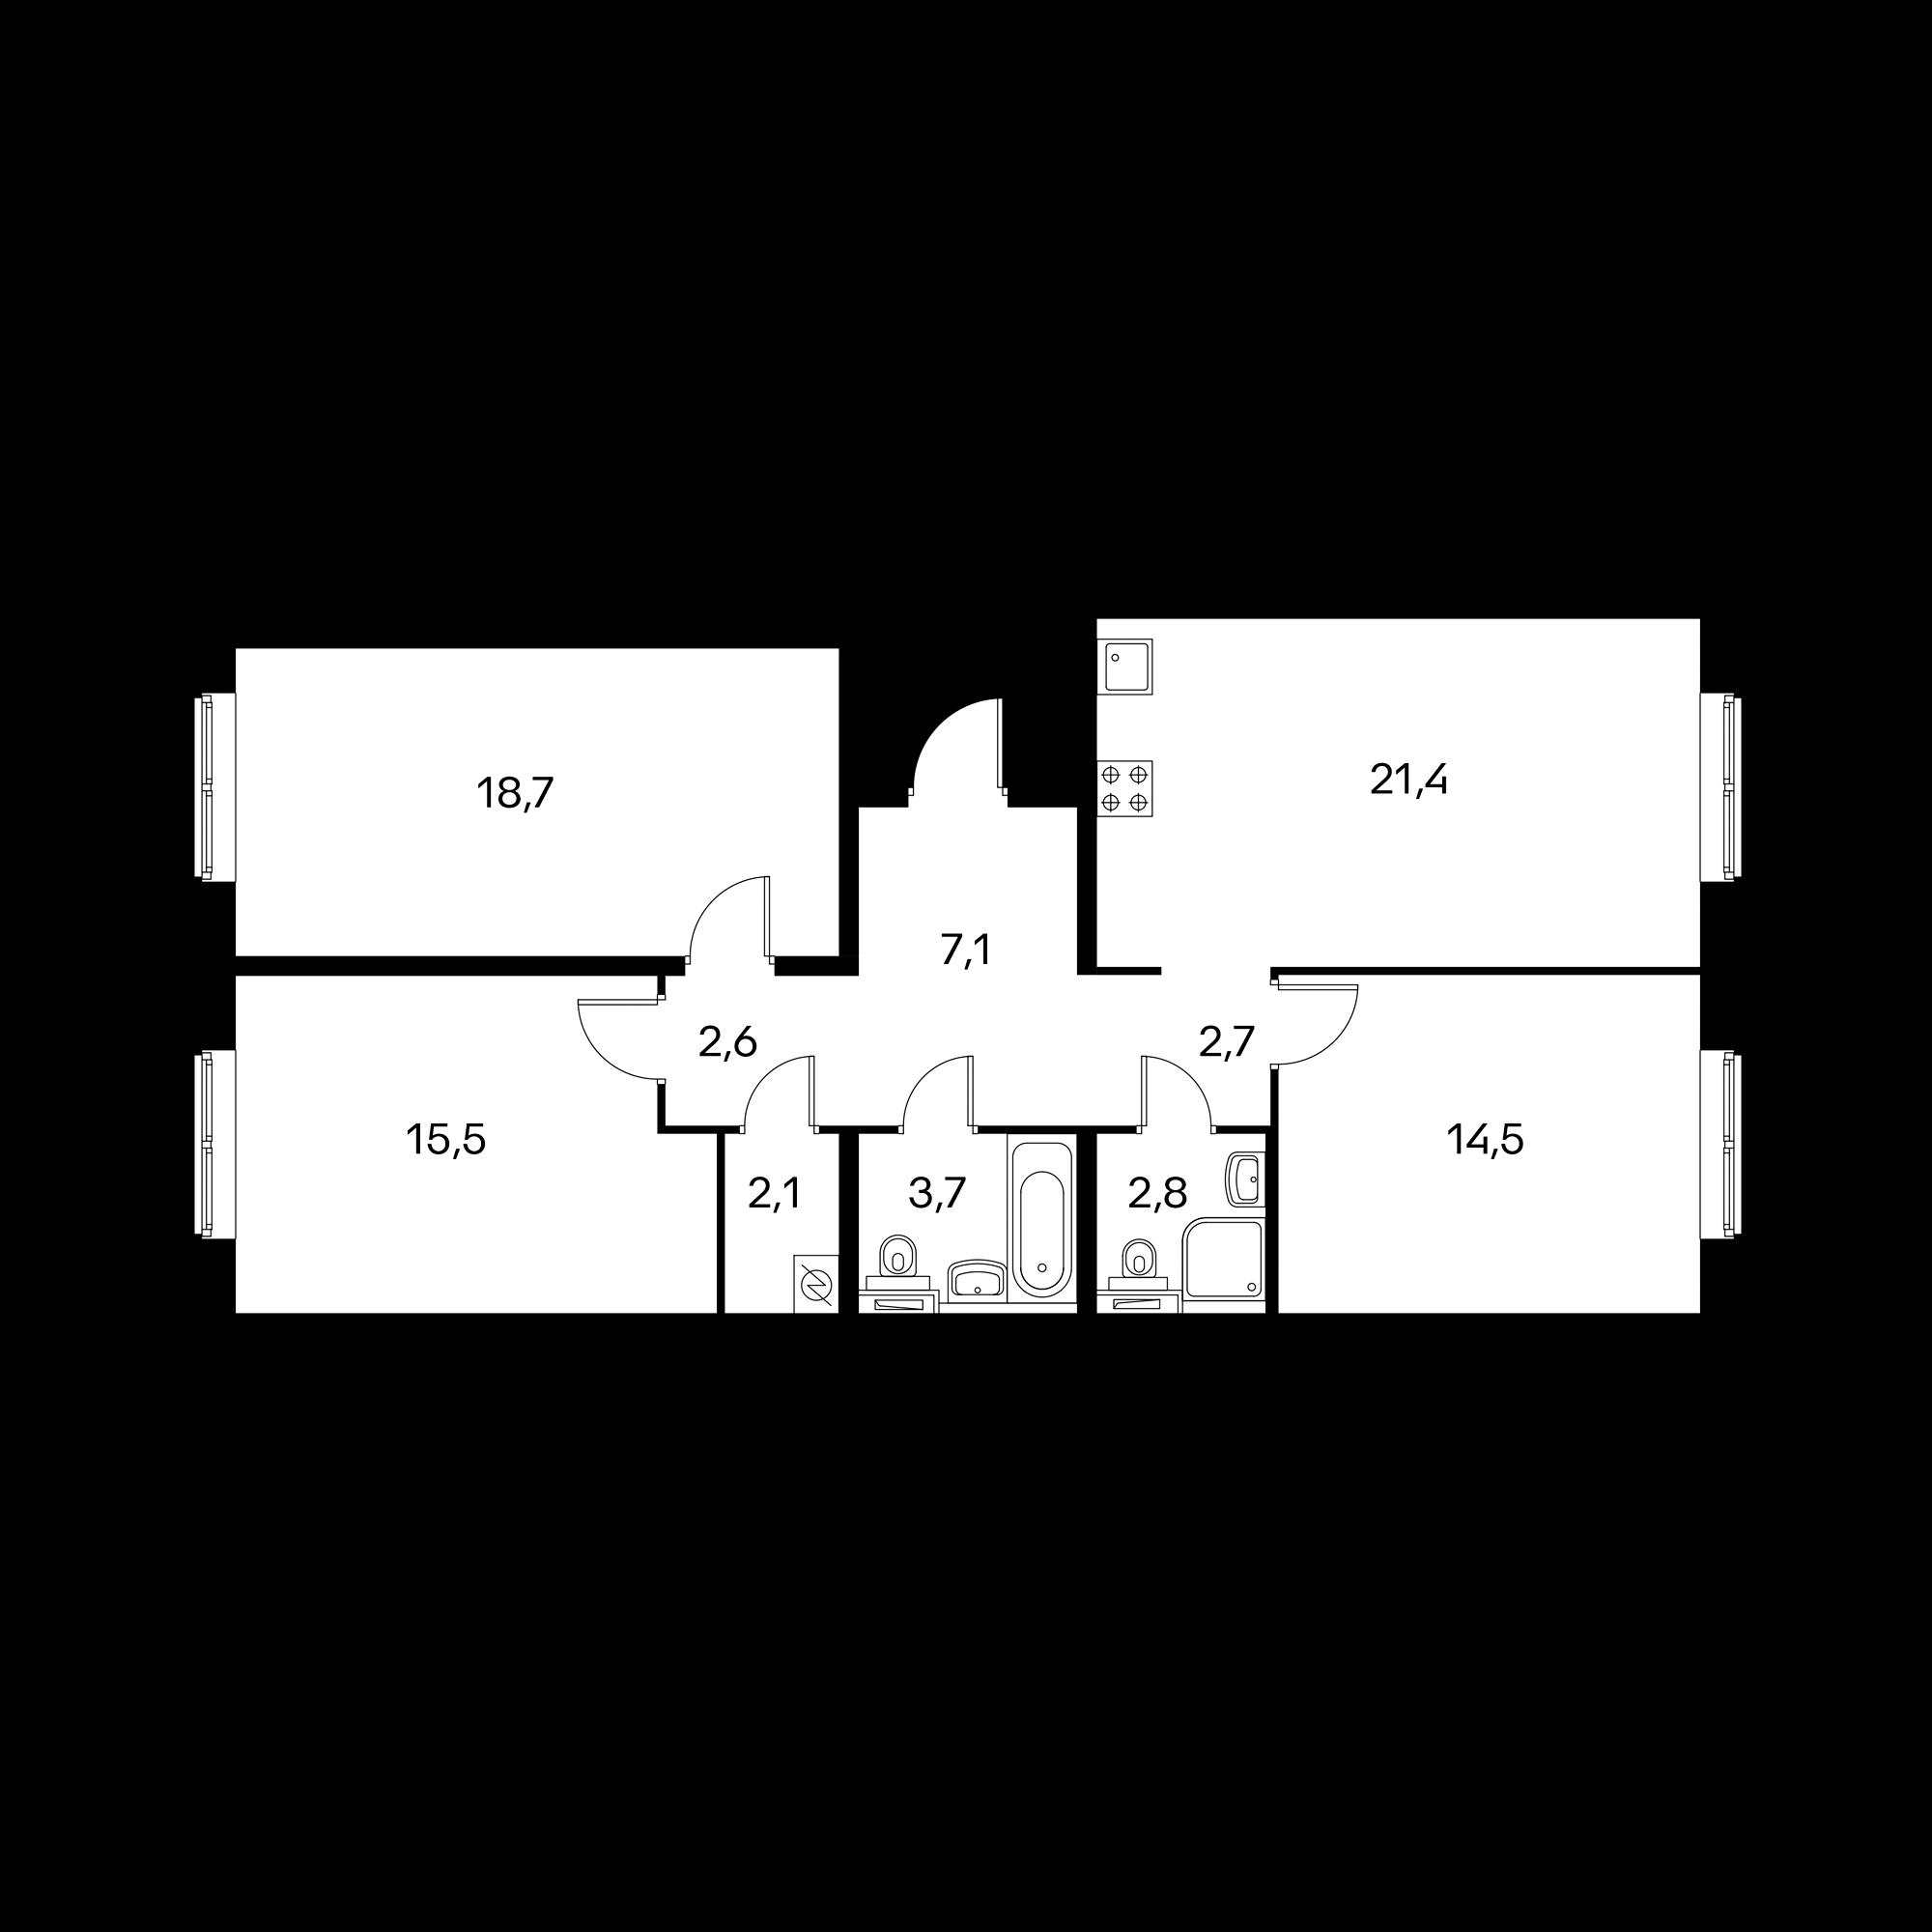 3EL*_7.2-1_S_Z_1